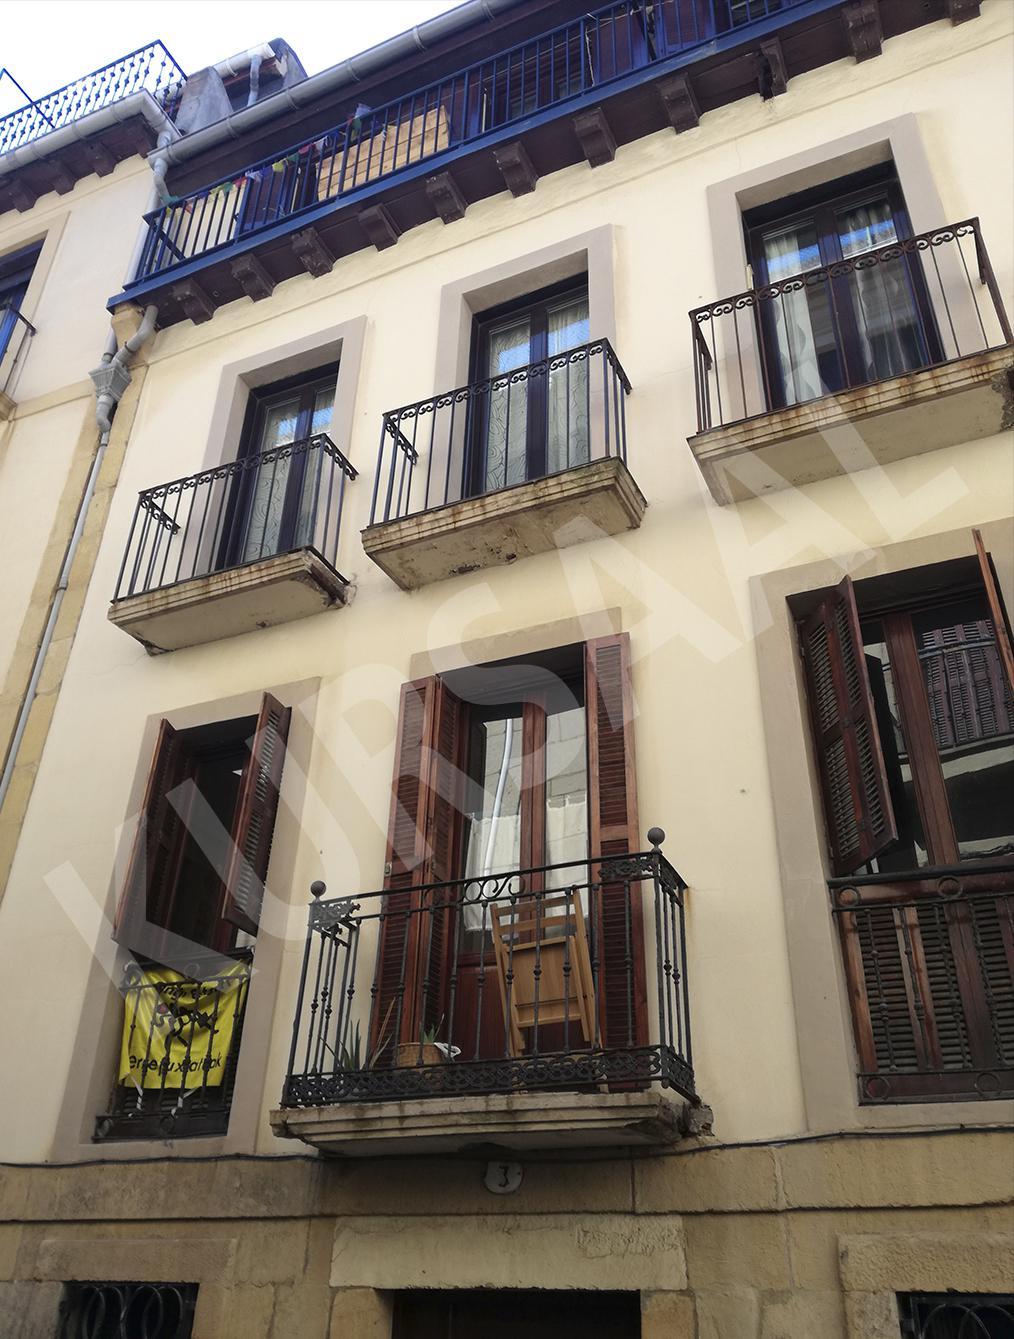 foto 1 - Restauración y patrimonio-Campanario 3-DONOSTIA